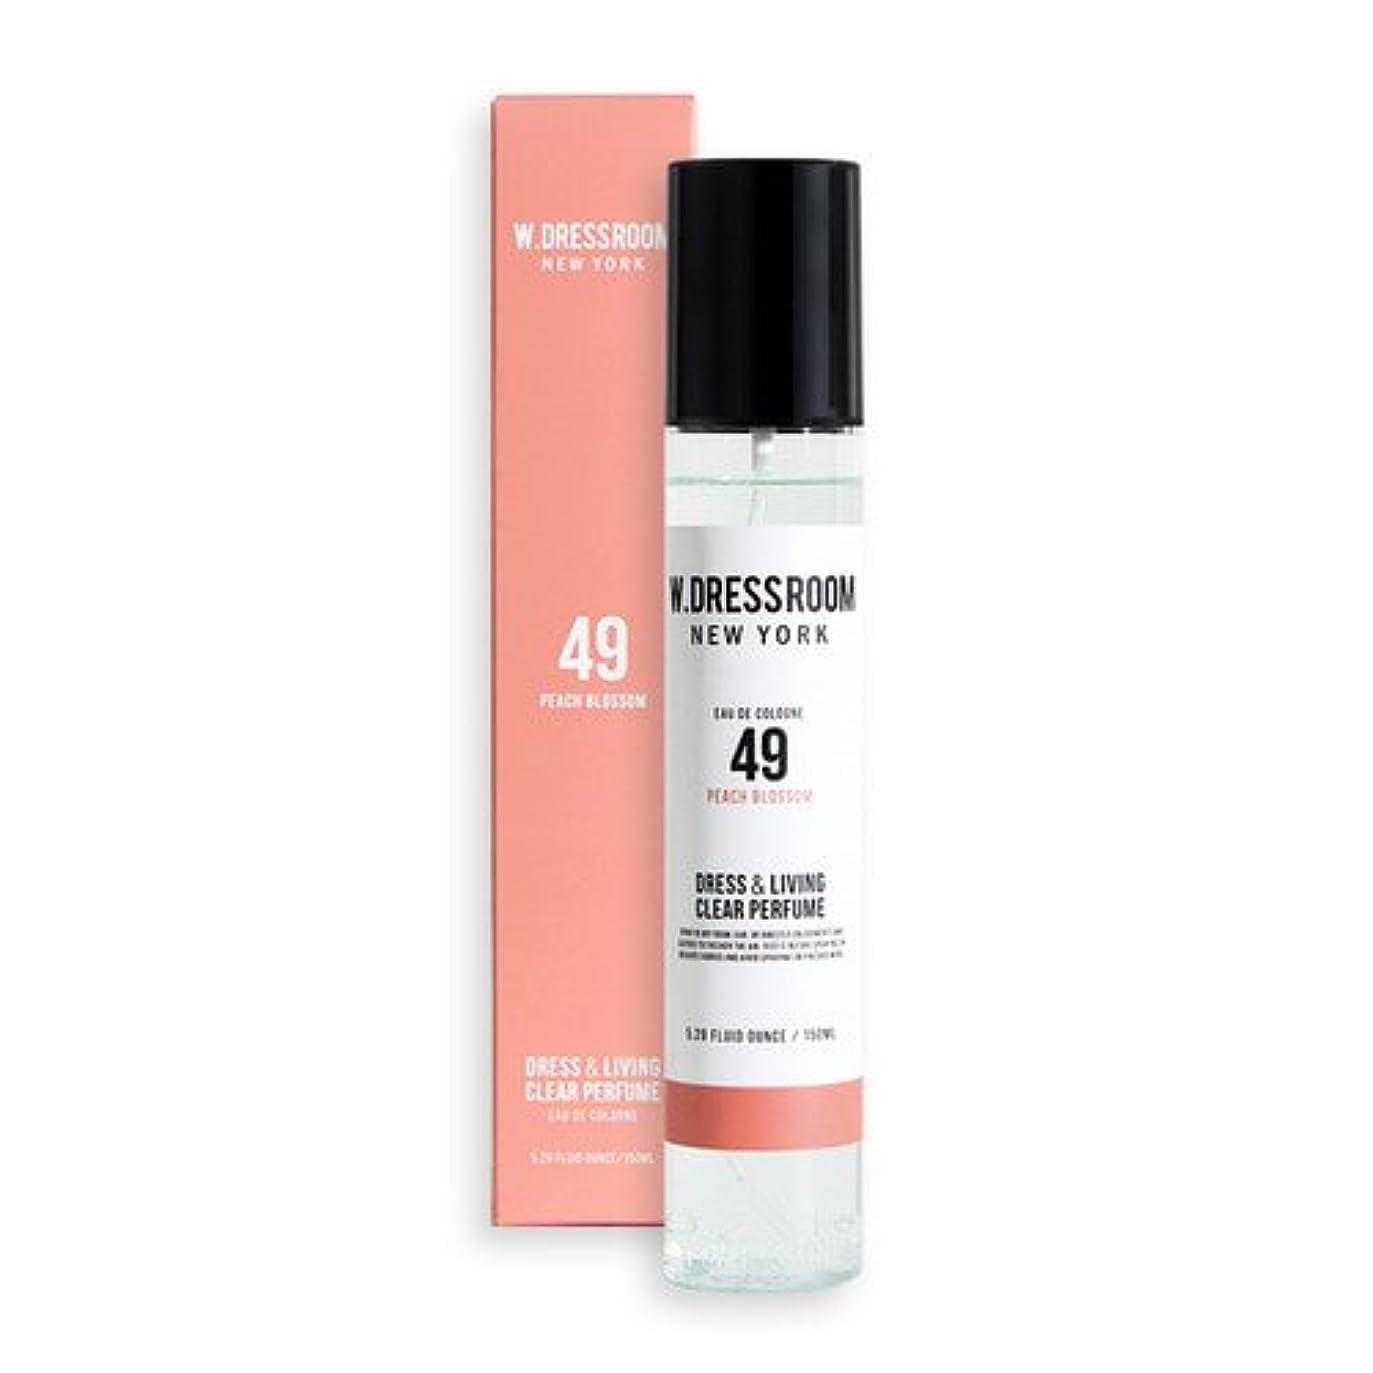 フラグラント抜け目がない歯痛W.DRESSROOM Dress & Living Clear Perfume 150ml/ダブルドレスルーム ドレス&リビング クリア パフューム 150ml (#No.49 Peach Blossom) [並行輸入品]